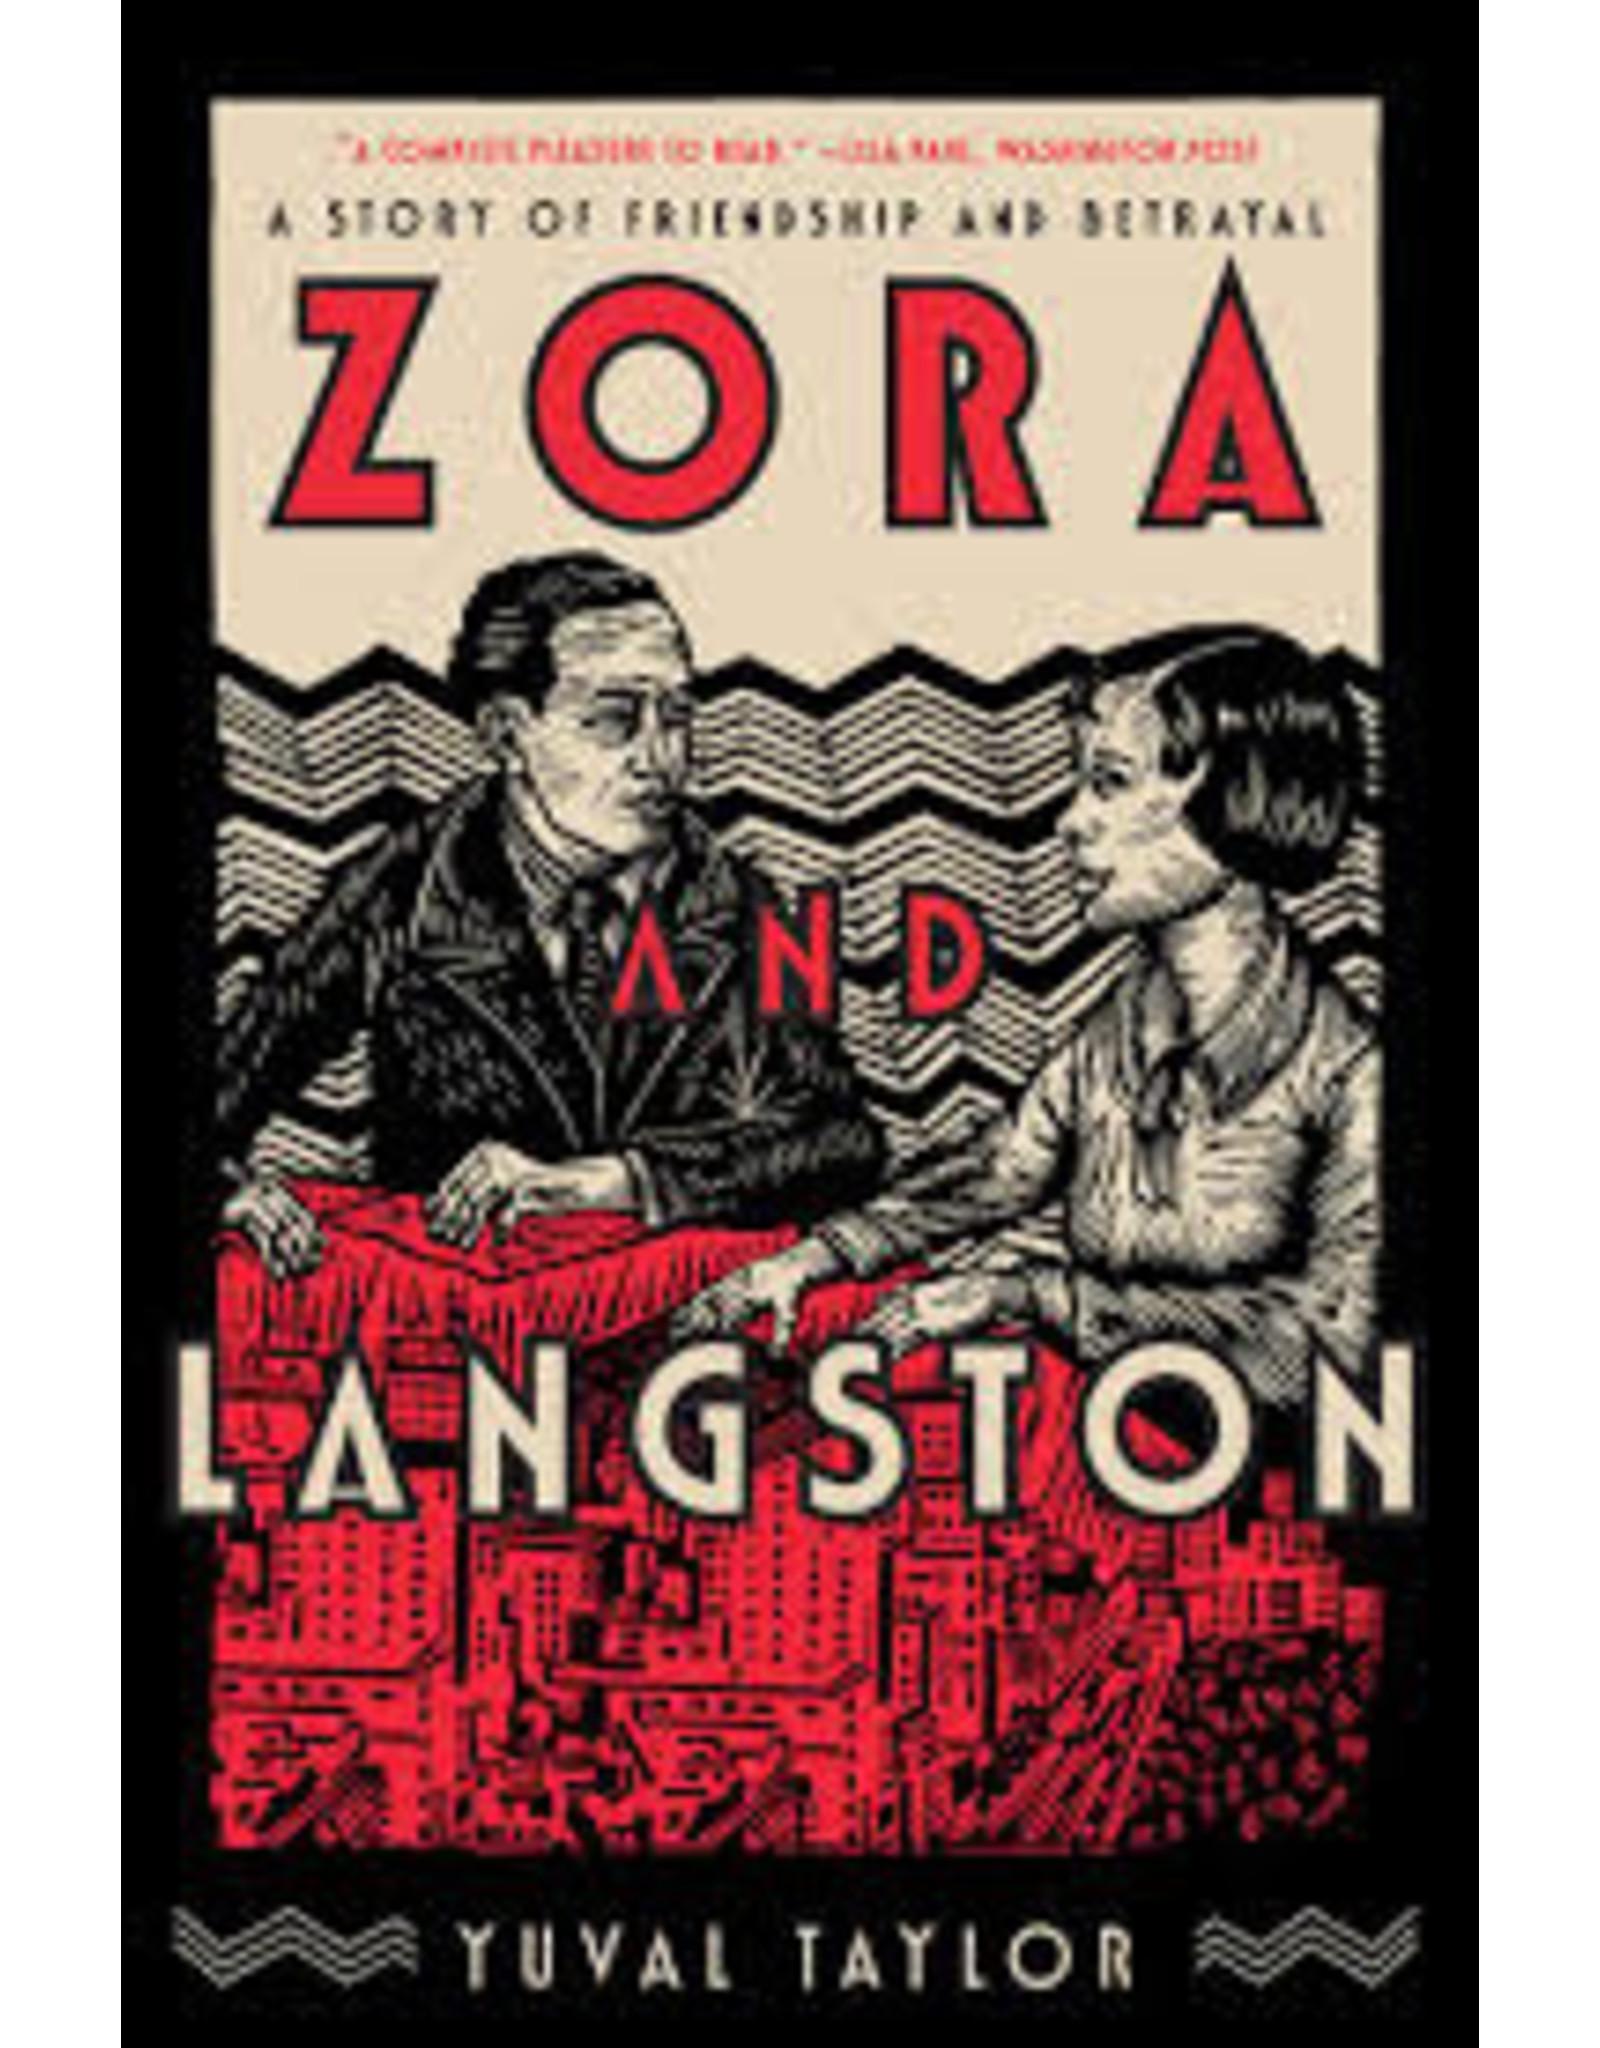 Books Zora & Langston by Yuval Taylor pb